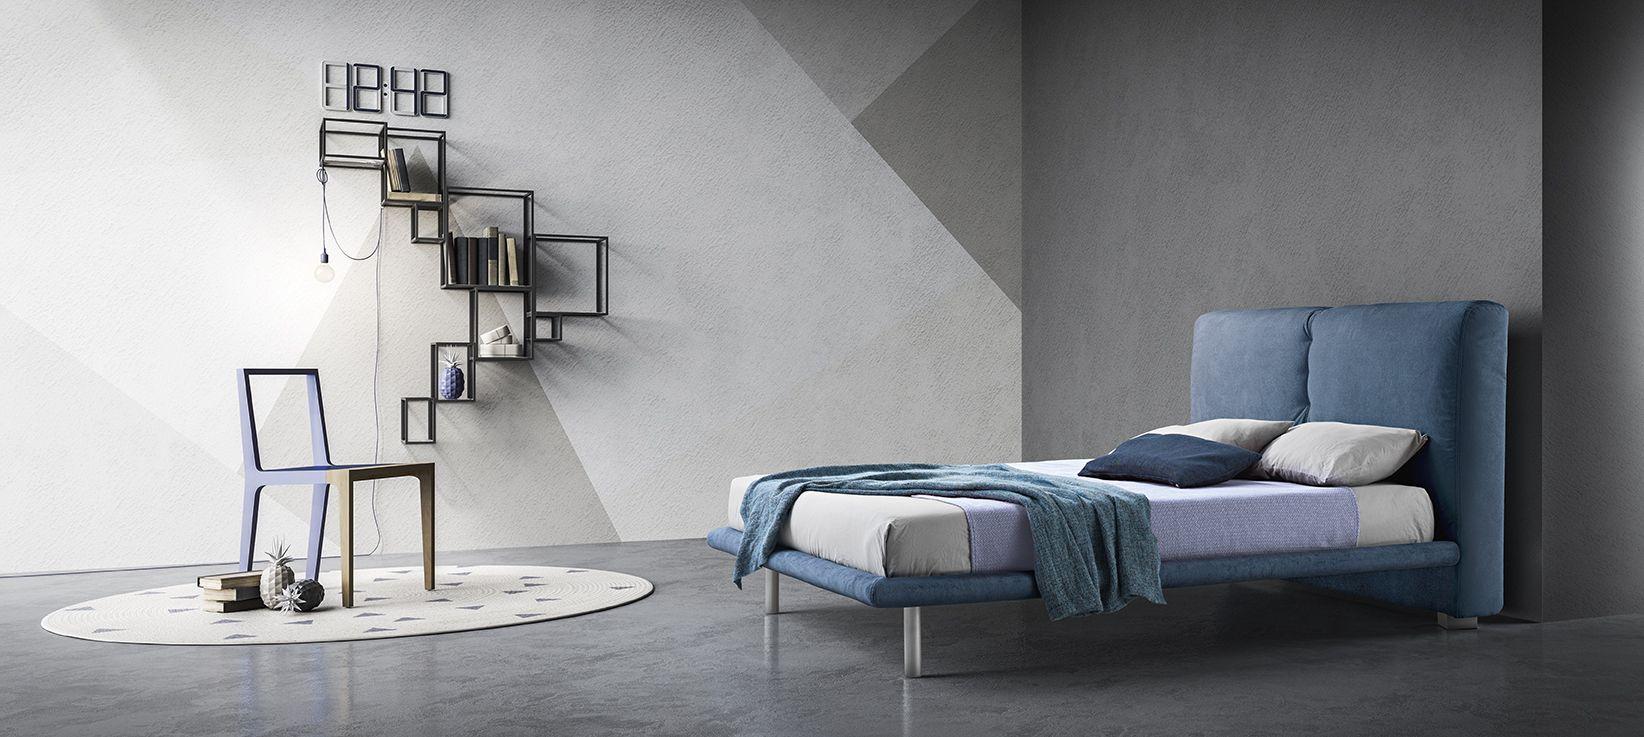 camera da letto SOFIA - Mobili Battipaglia e Salerno da Montella Prisma Arredo